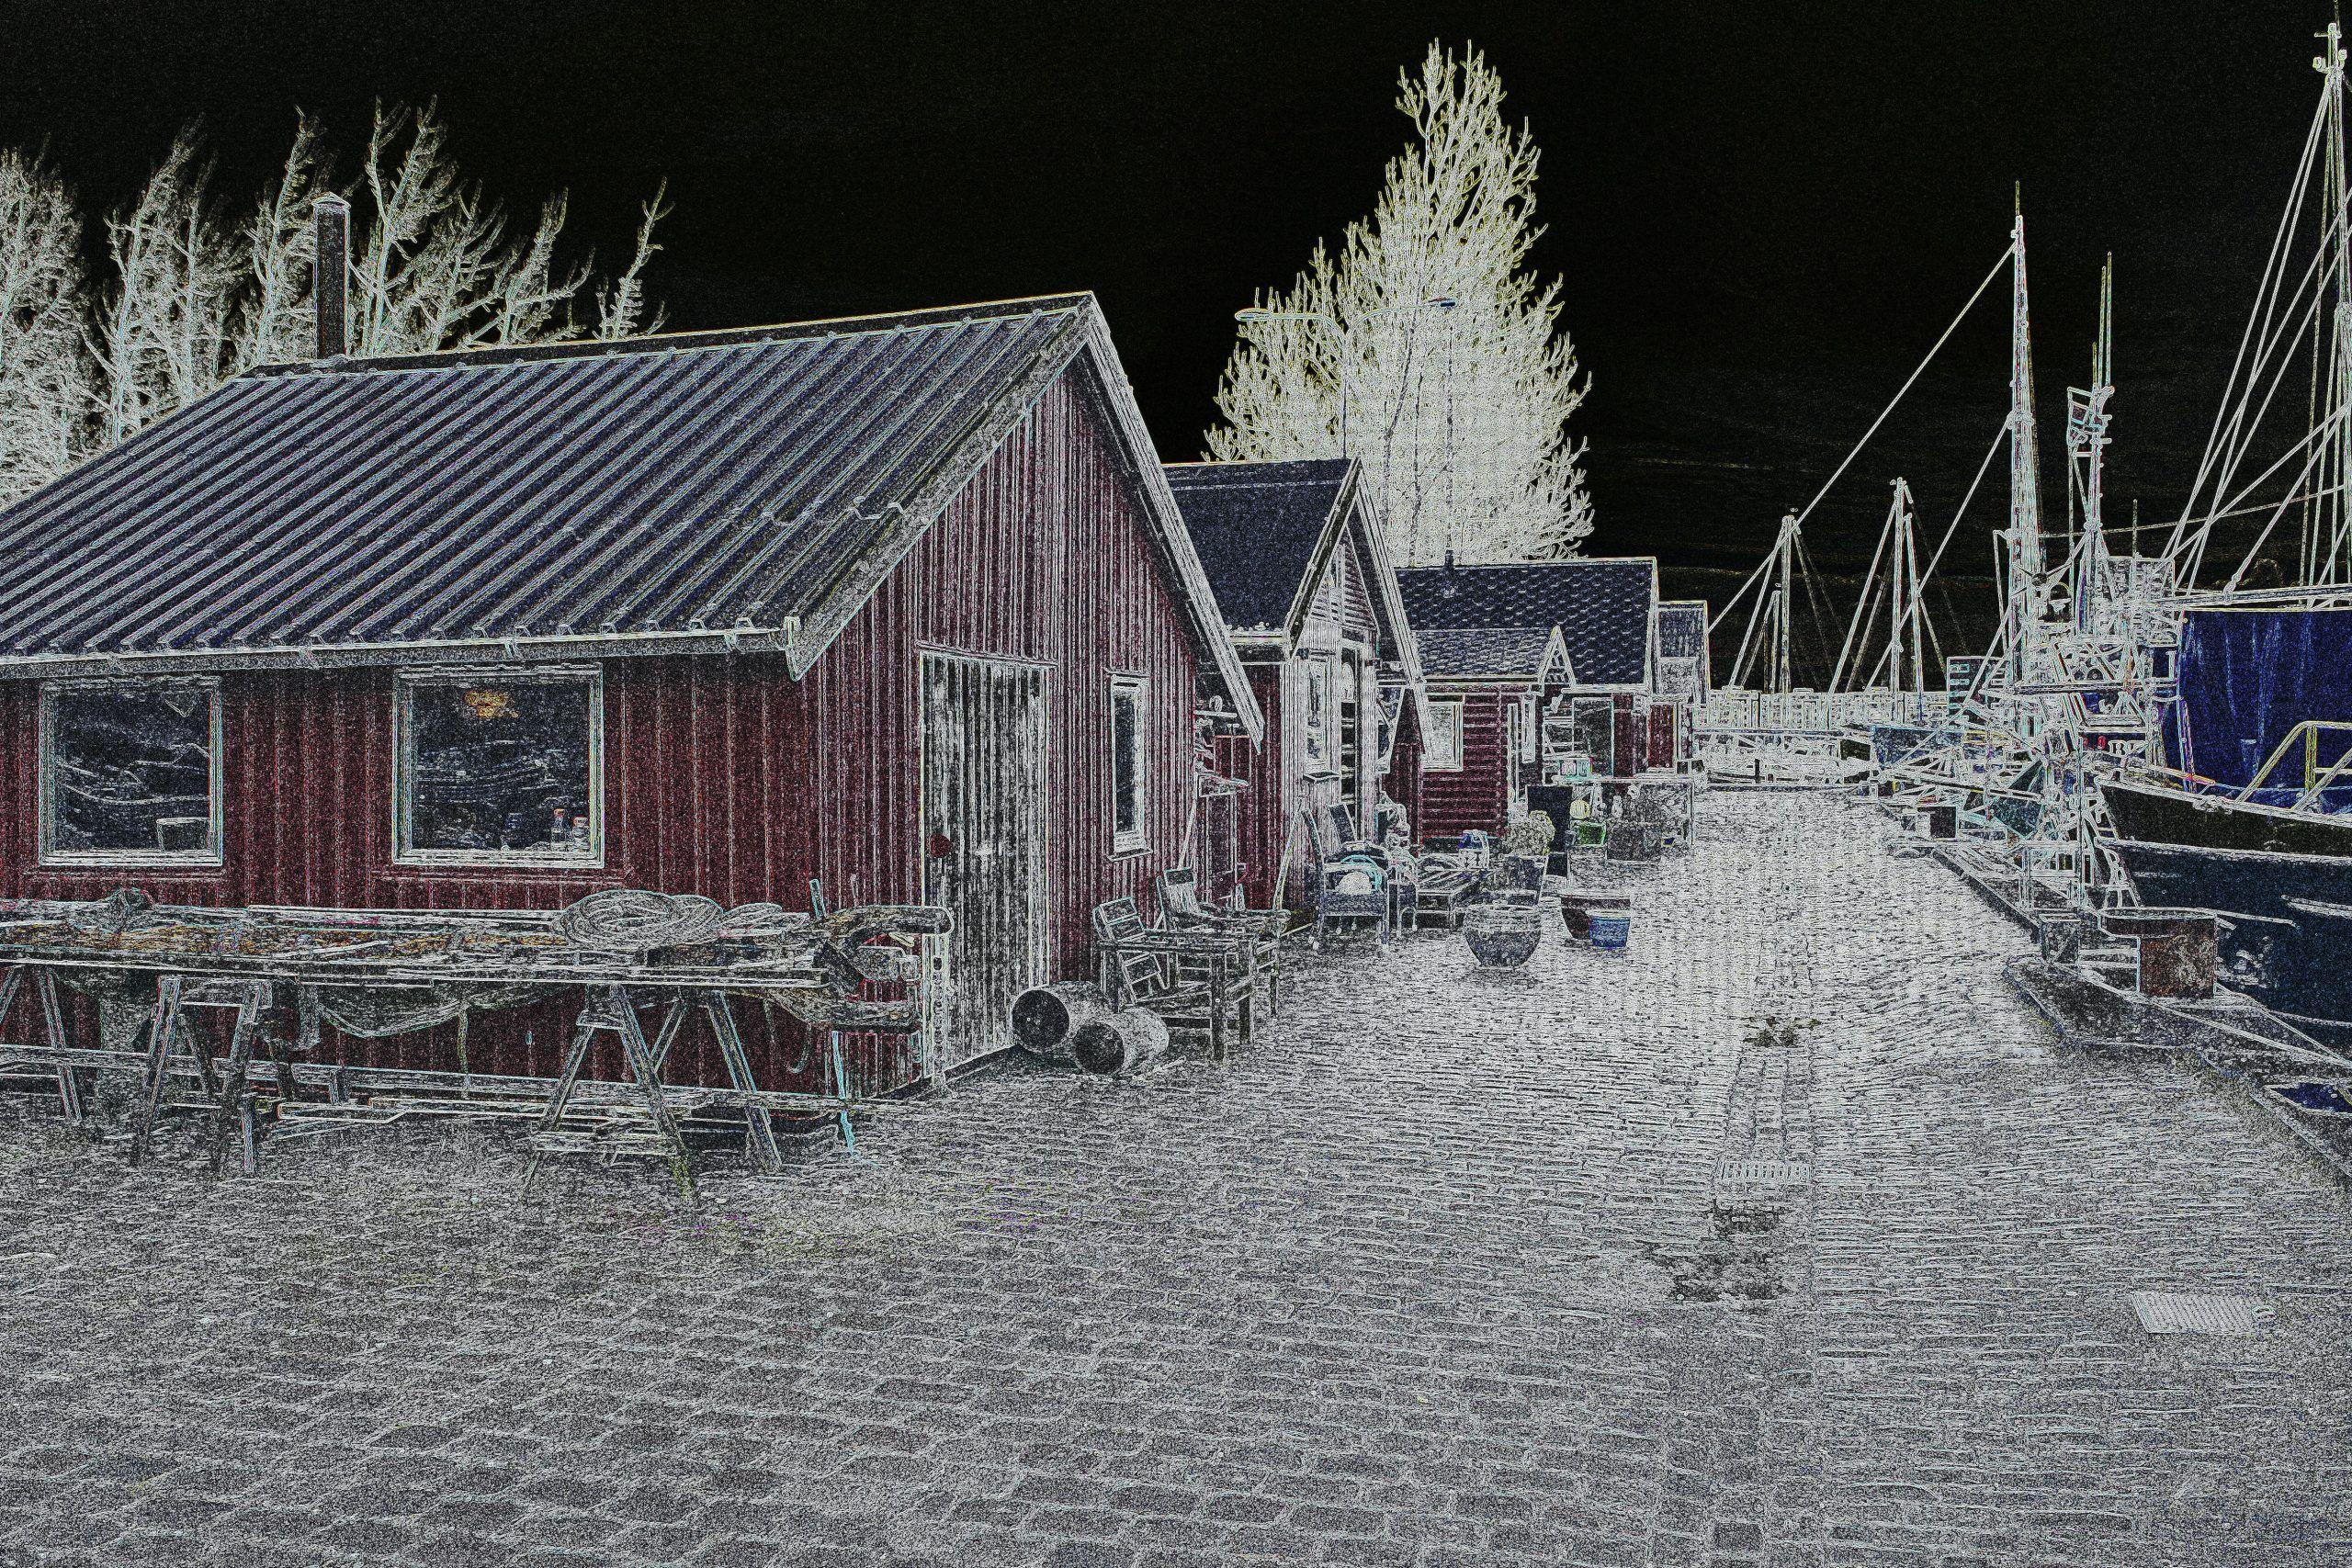 Havnen, Manipulation, Uge 3, 17/365, Skudehavnen, Aalborg